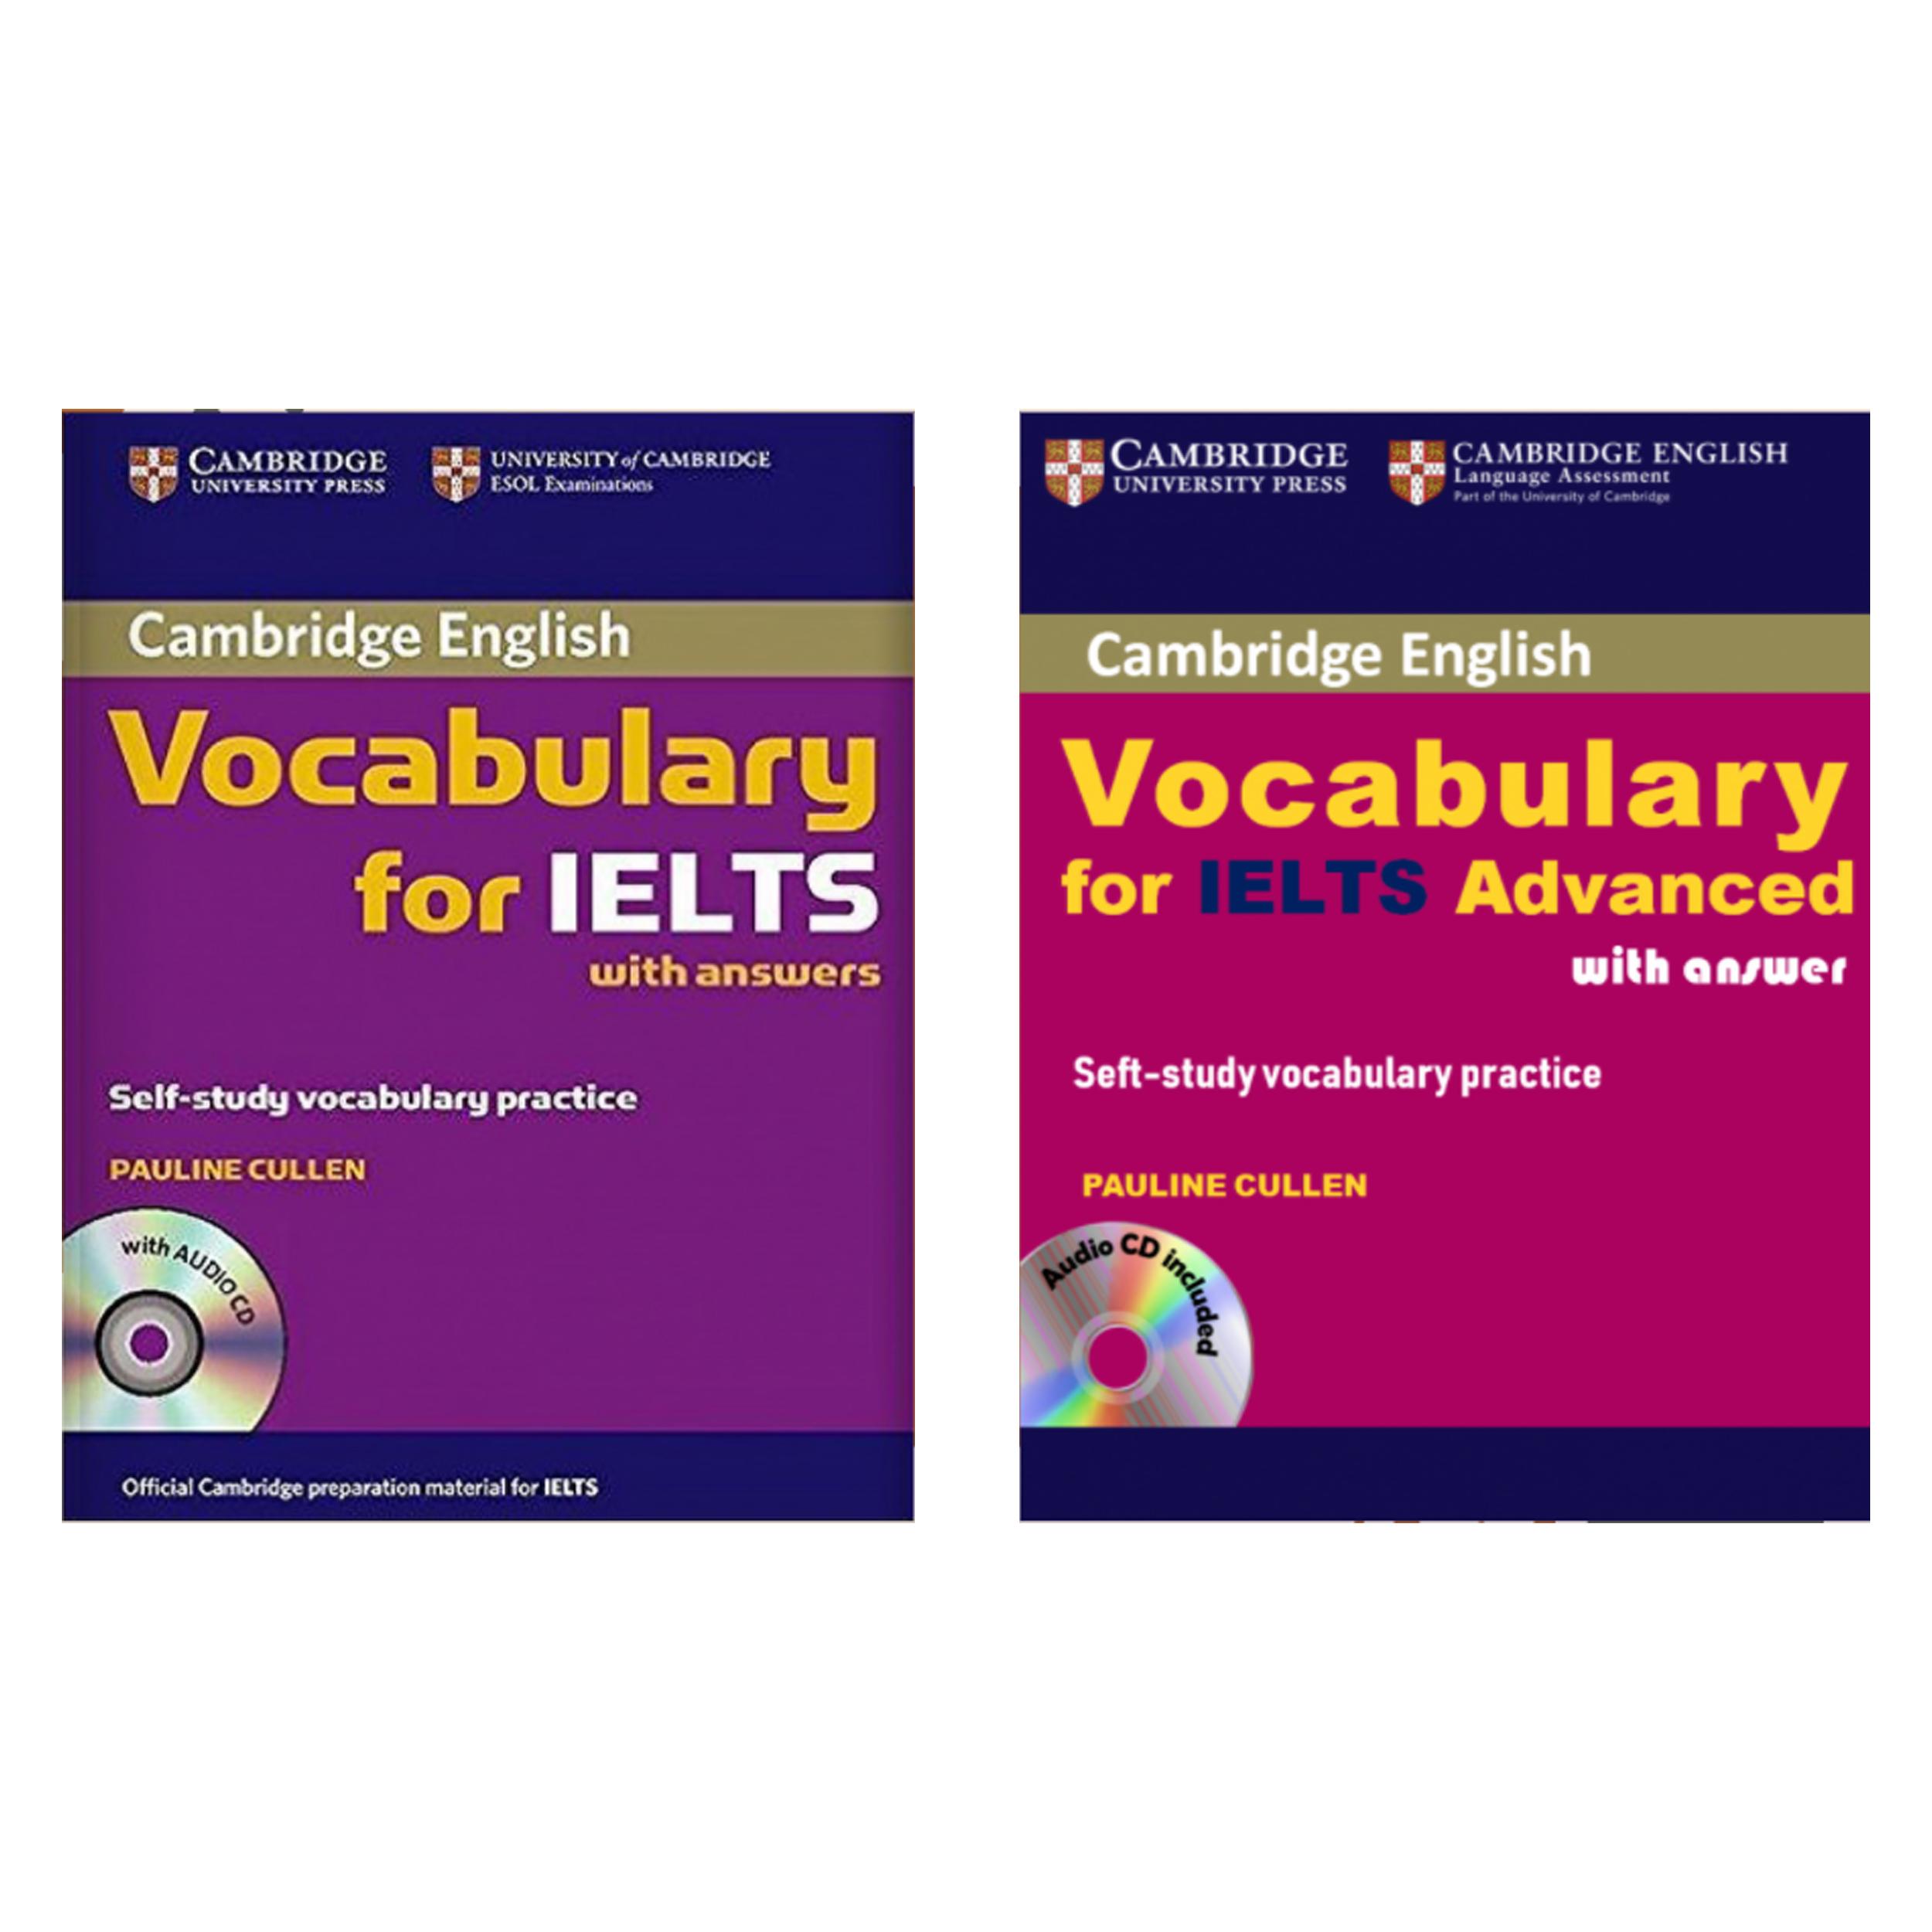 کتاب زبان Cambridge Vocabulary For IELTS اثر Pauline Cullen نشر هدف نوین 2 جلدی